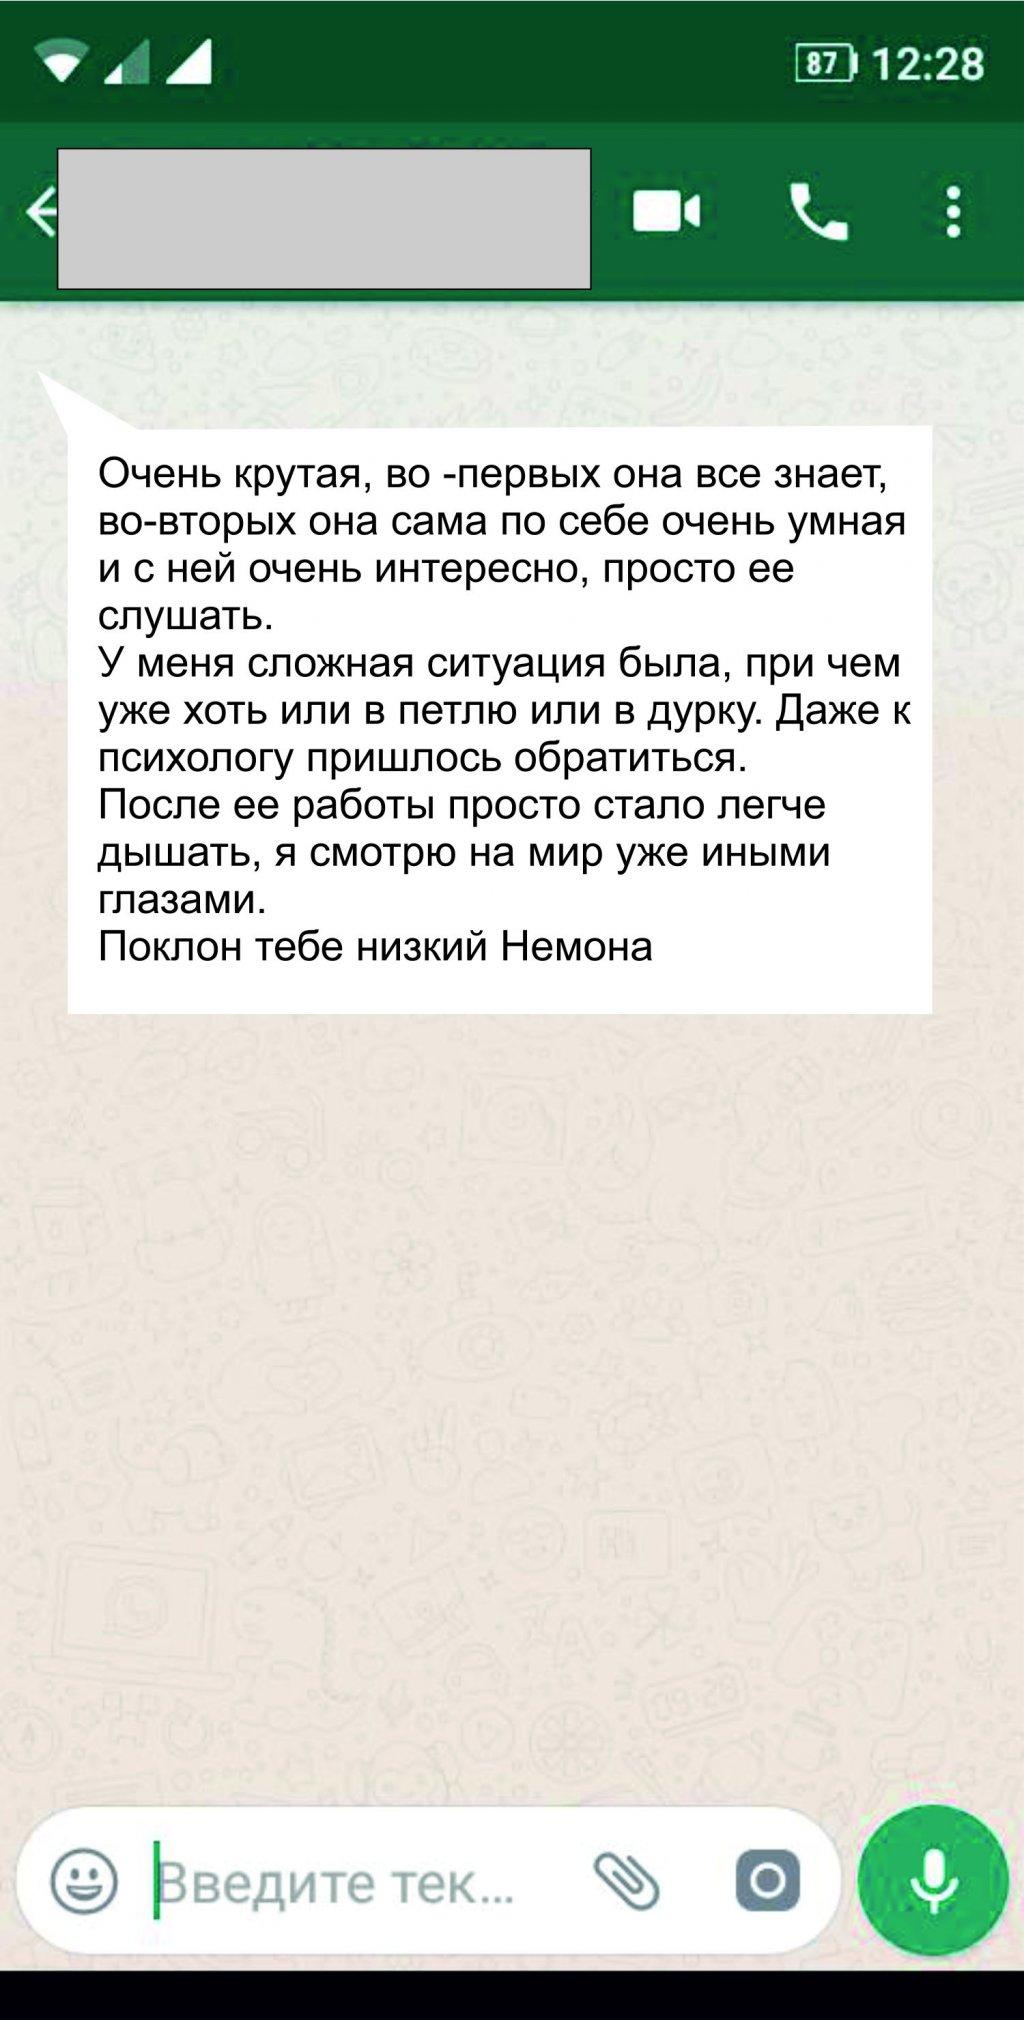 Немона -